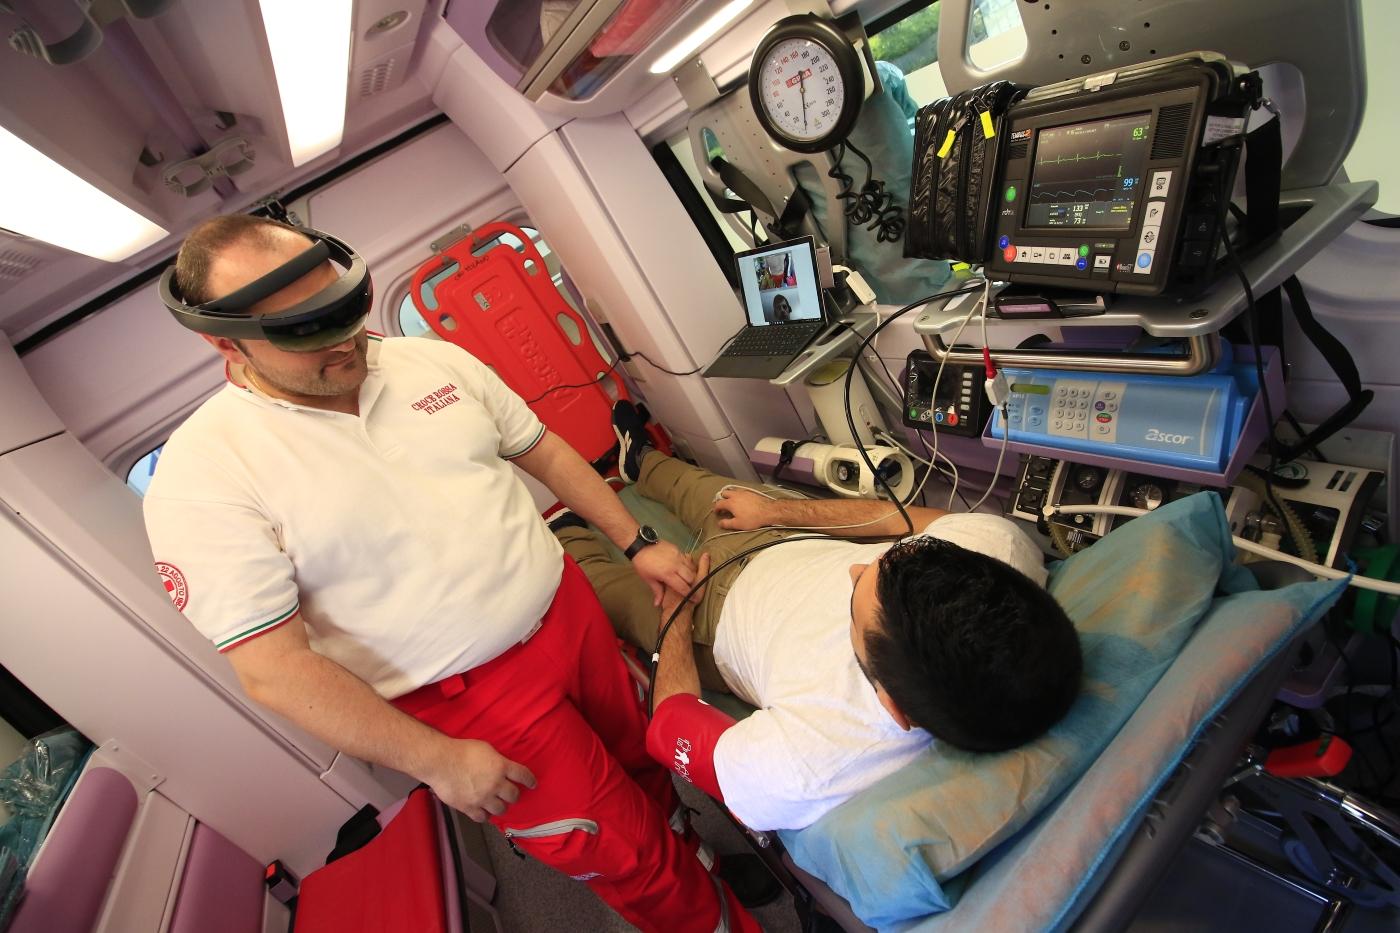 Nuove tecnologie: a Milano la prima ambulanza 5G